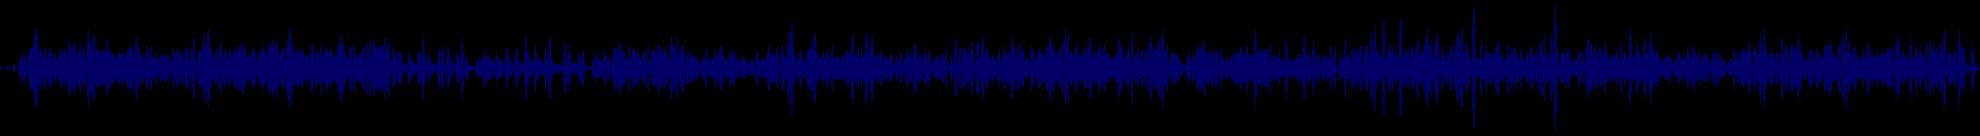 waveform of track #64679